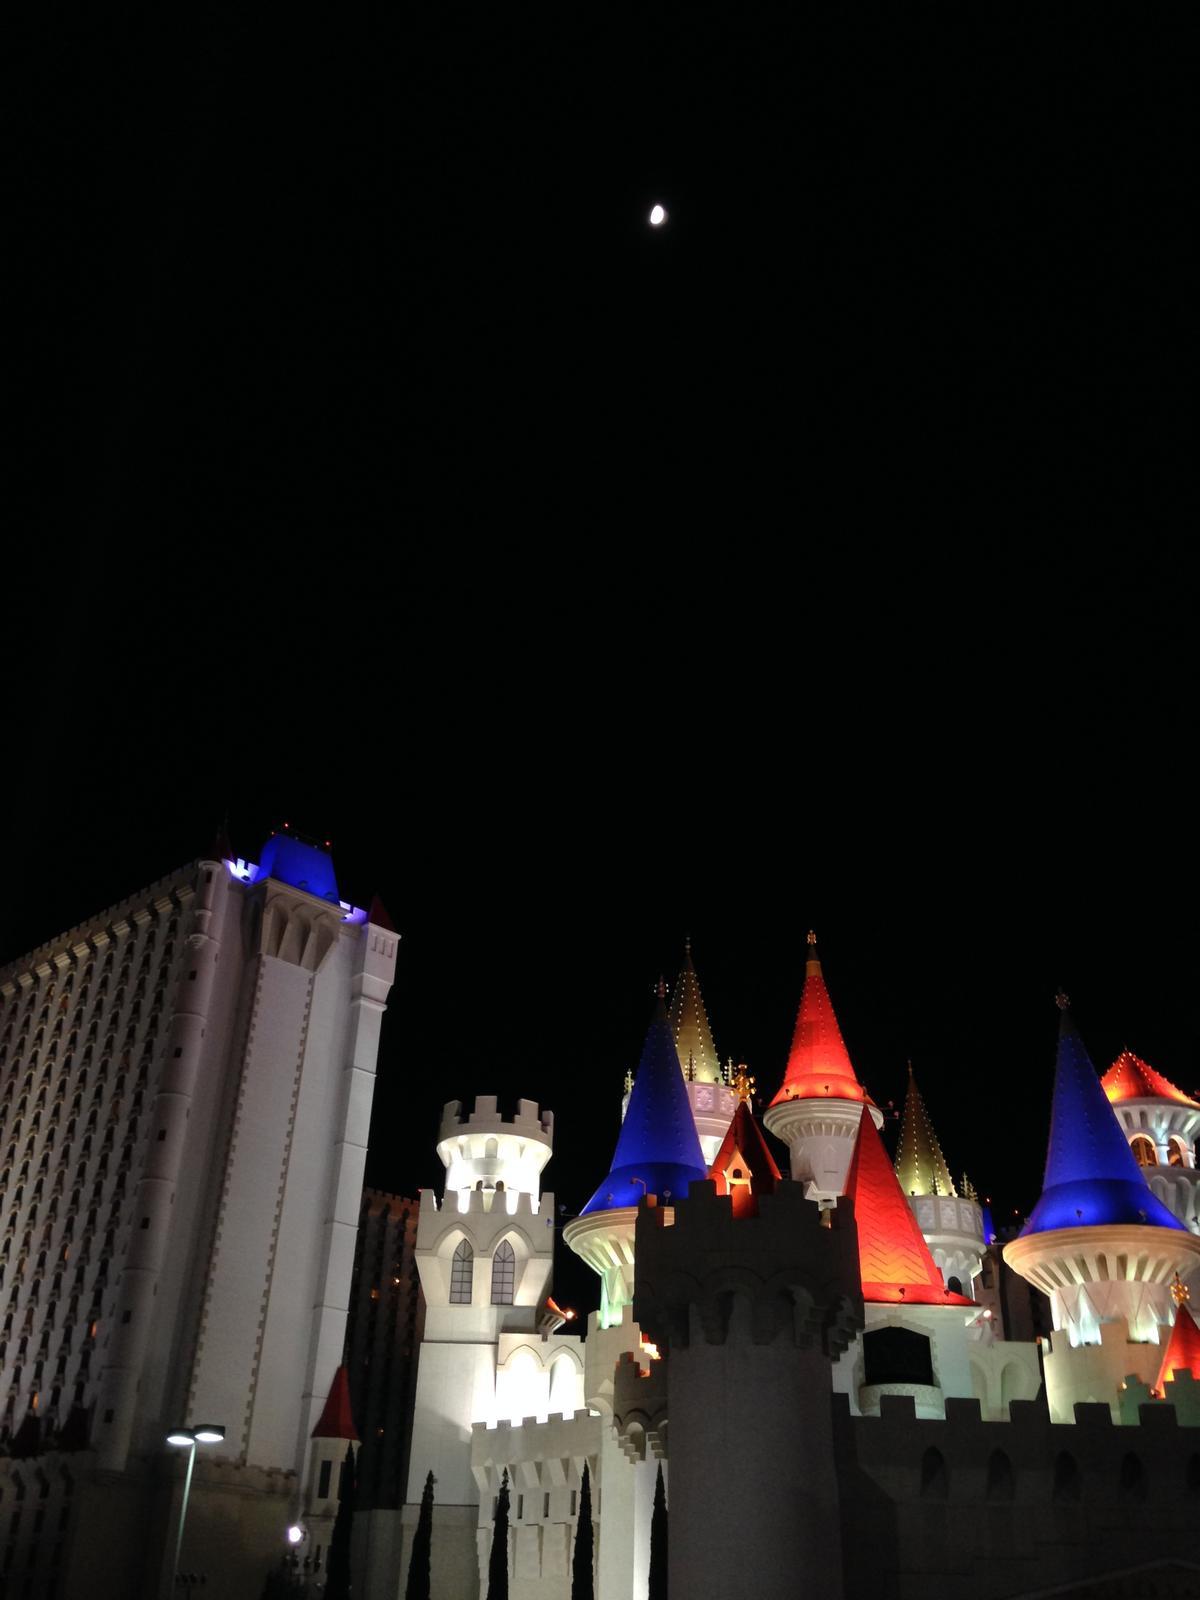 """""""If you can dream it, you can do it."""" - náš zámoček kde sme vo Vegas nocovali :D Excalibur"""